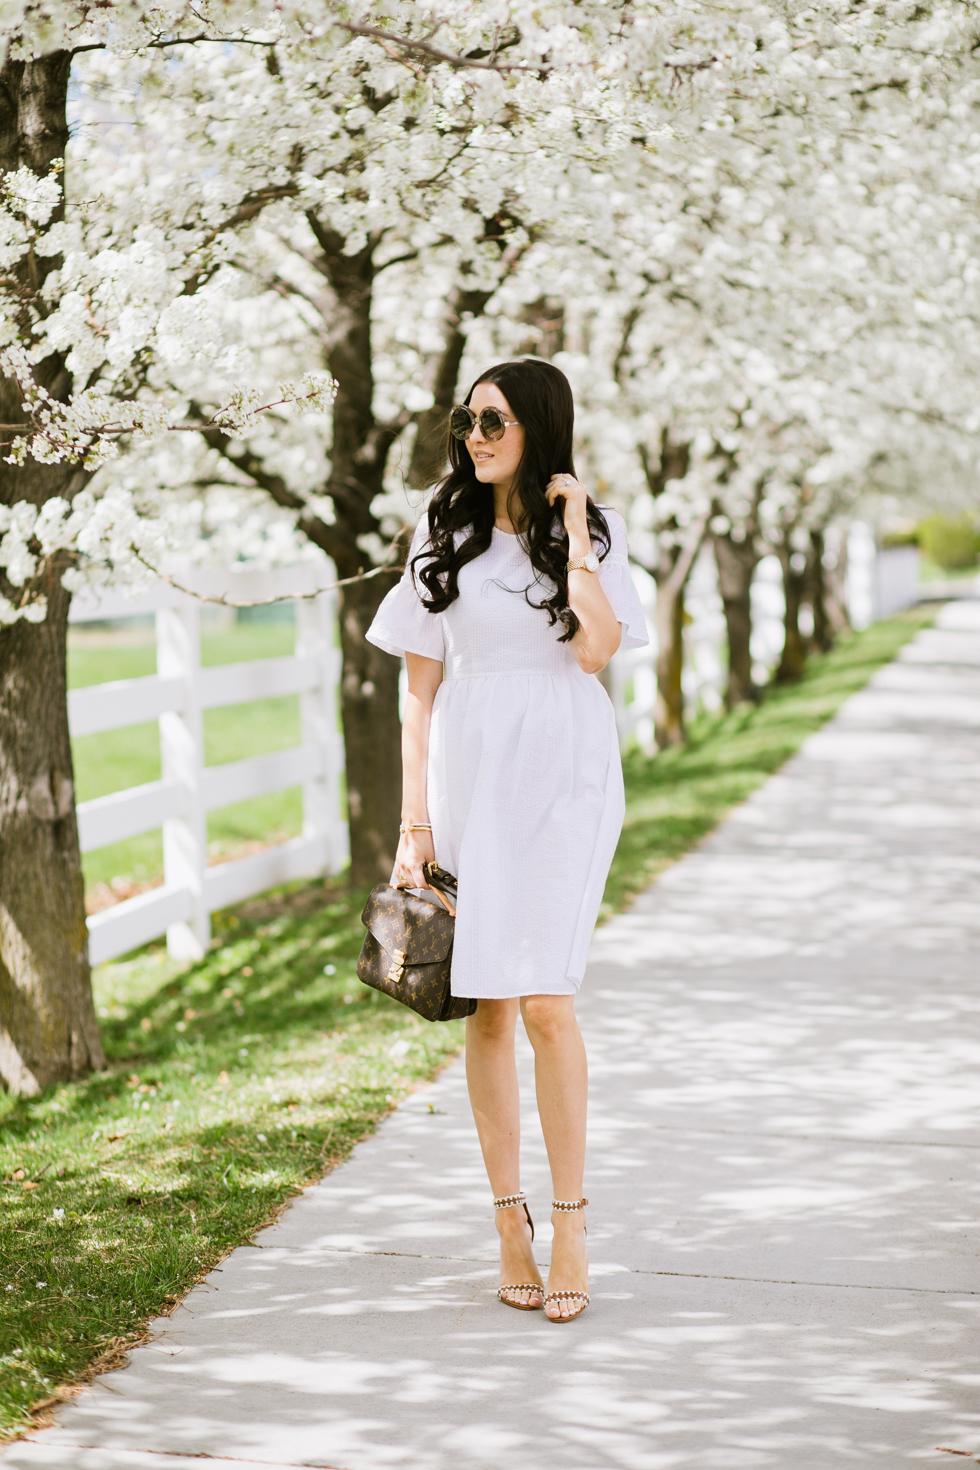 white-seer-sucker-dress-rachel-parcell - 5